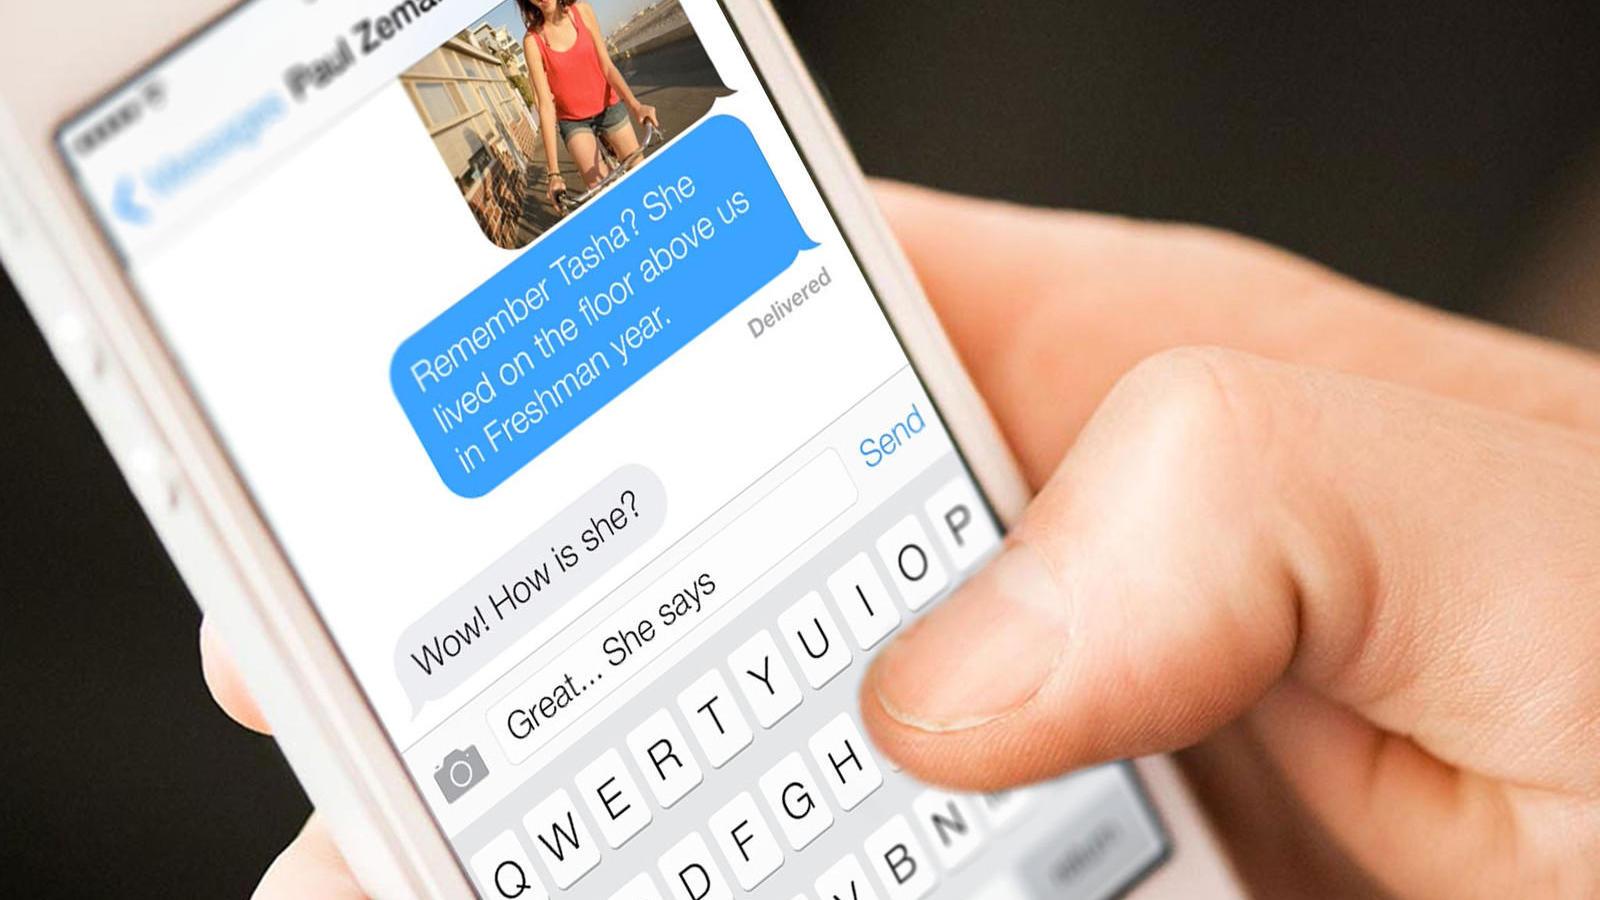 Hướng dẫn sửa lỗi không gửi được ảnh qua ứng dụng Message trên iPhone